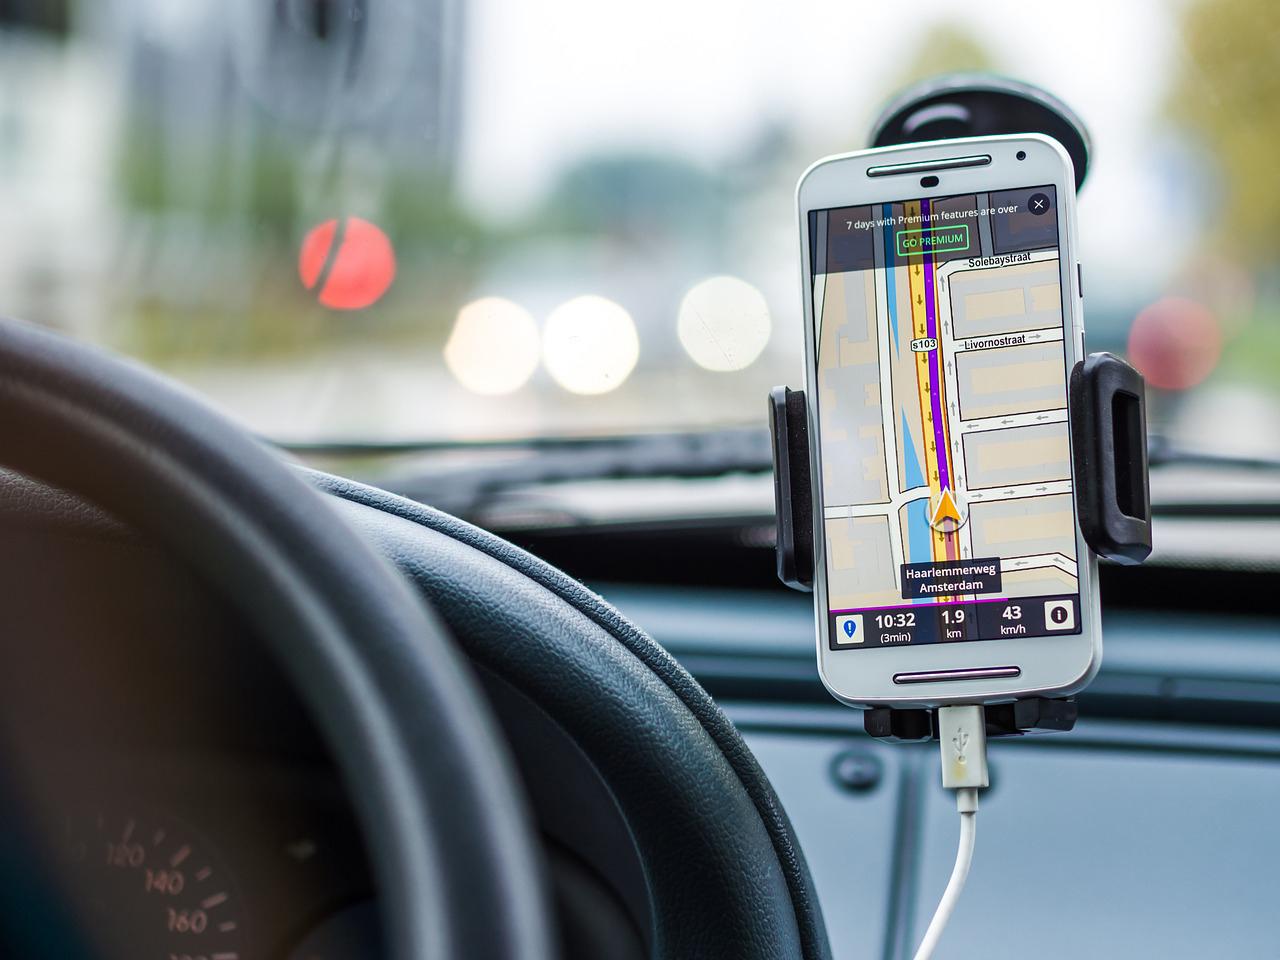 訪日個人旅行者向けの「GPS連動多言語ガイドシステム」の提供が開始